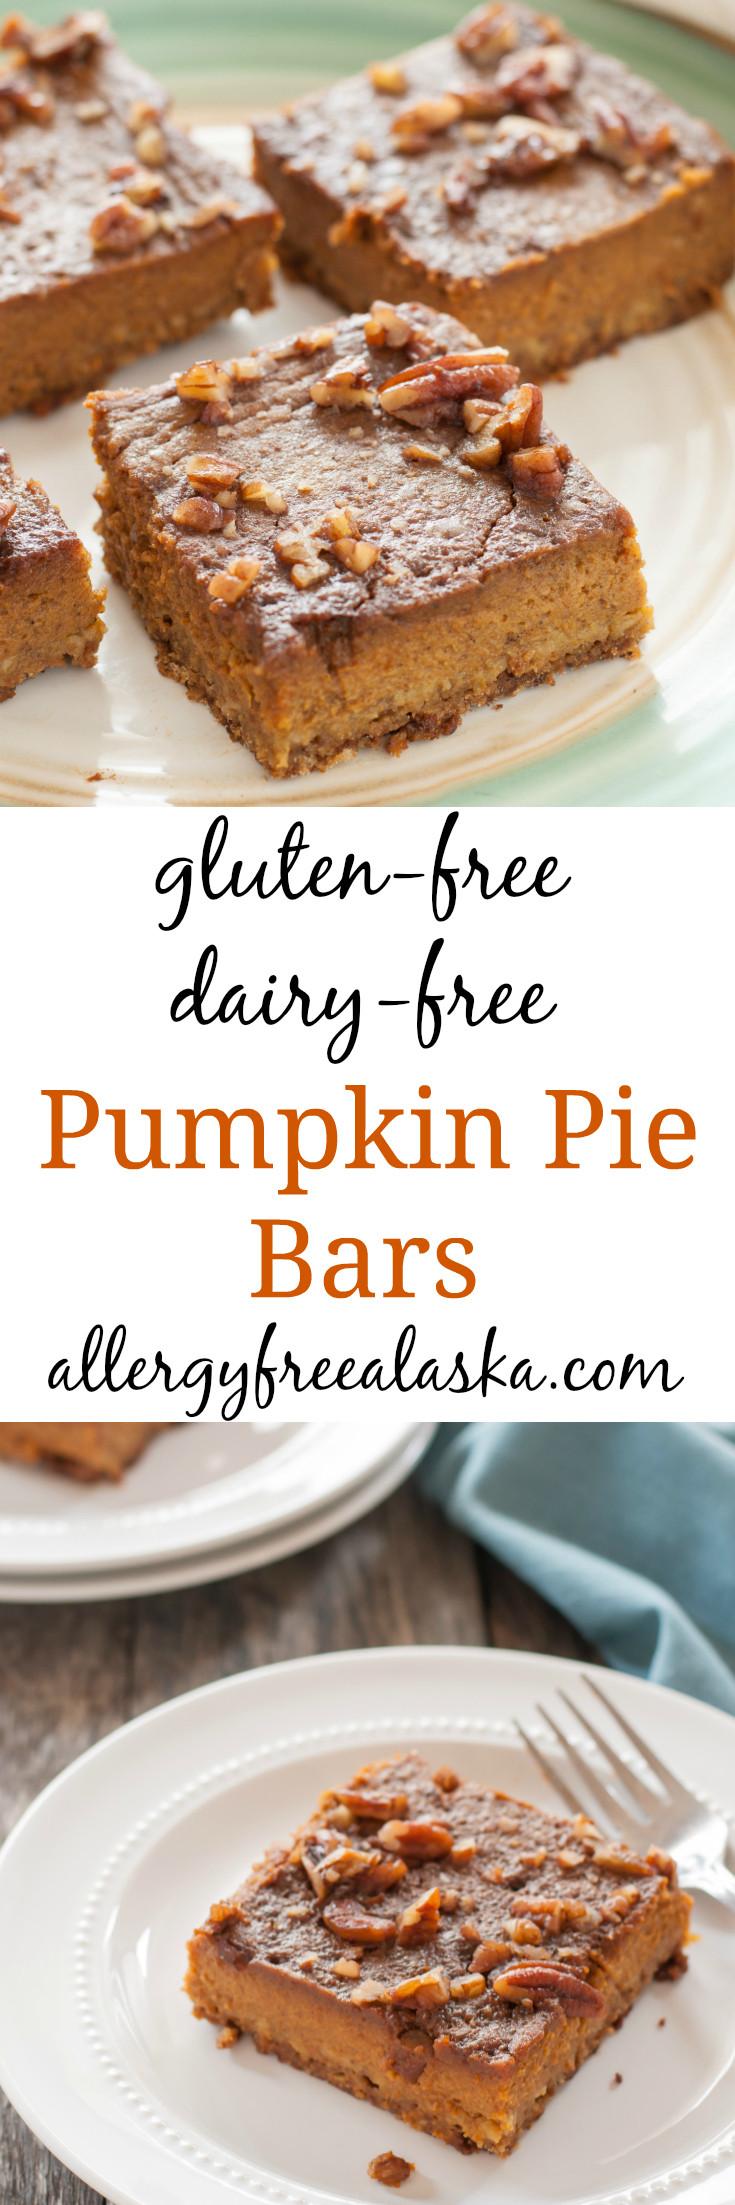 Dairy Free Pumpkin Pie Recipe  gluten free dairy free pumpkin pie bar recipe from allergy